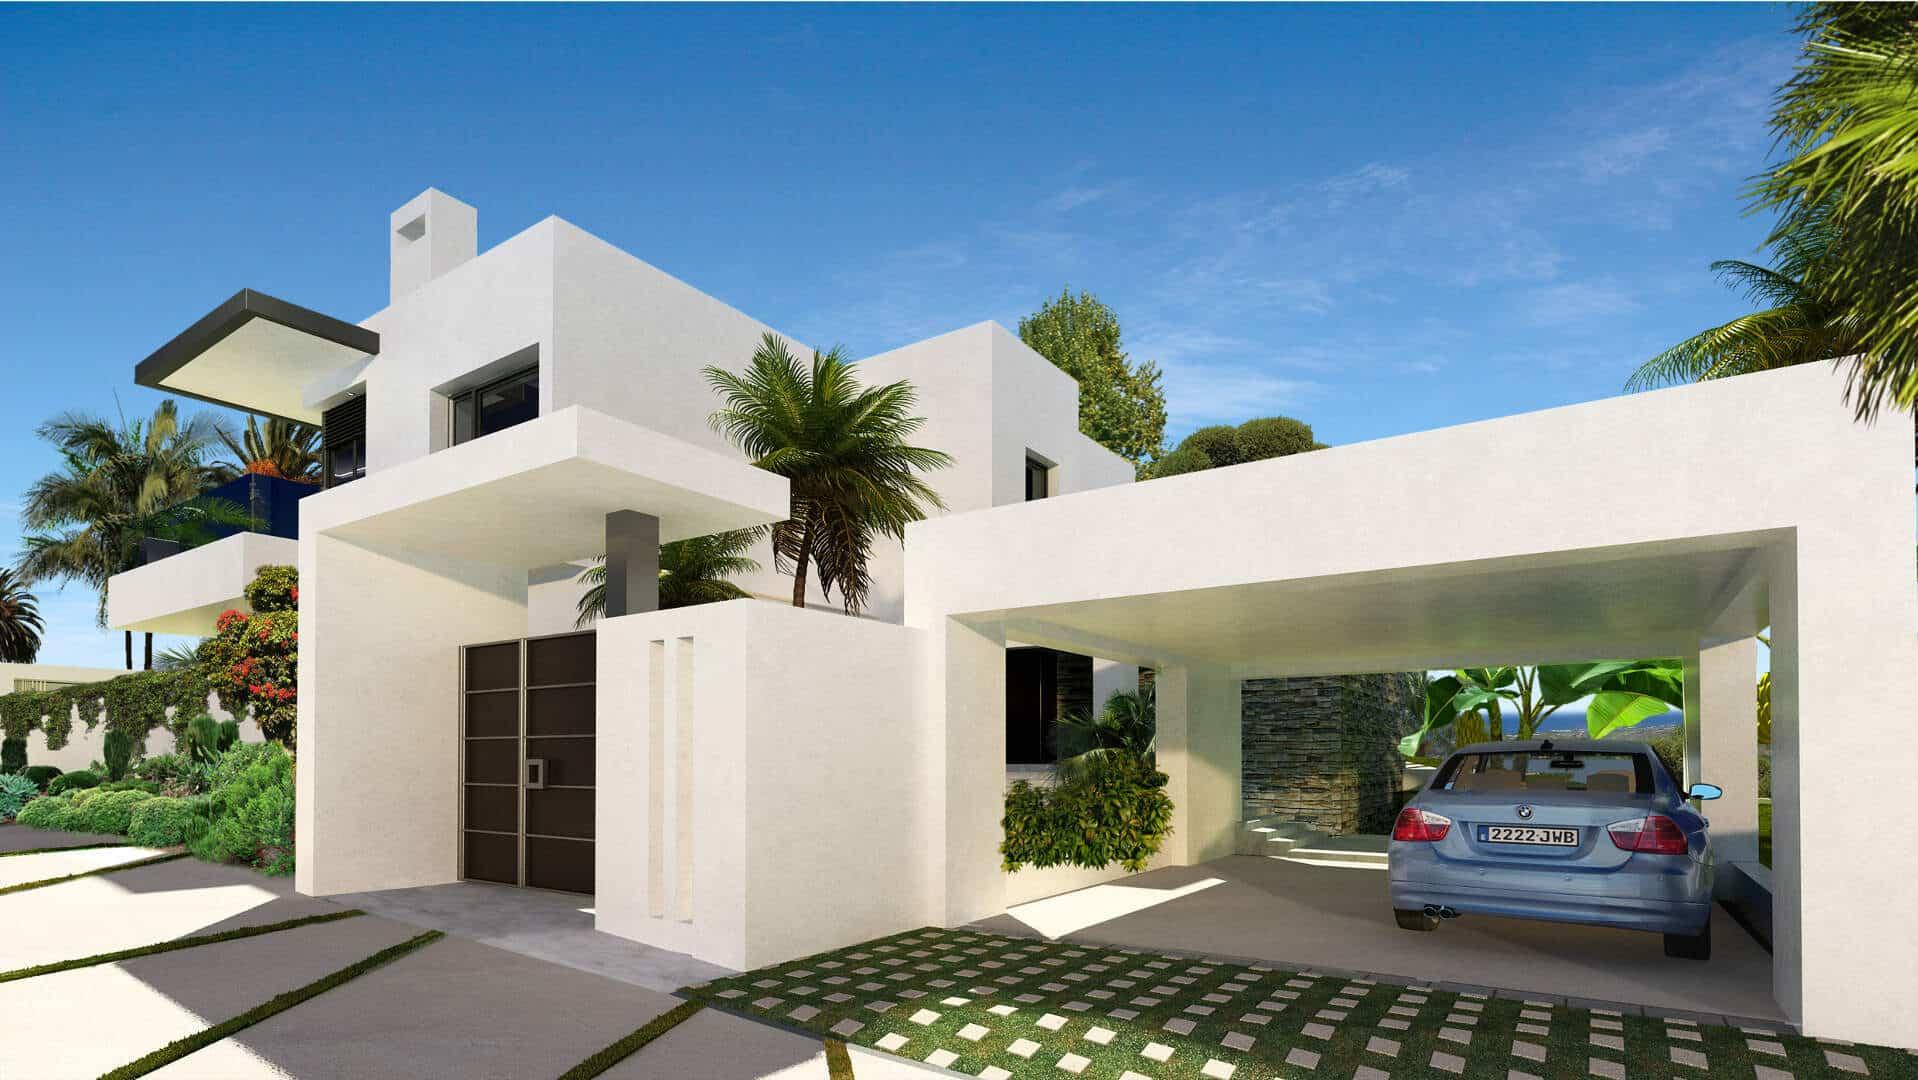 Concept villas for sale lomas de marbella club realista for Concept villa